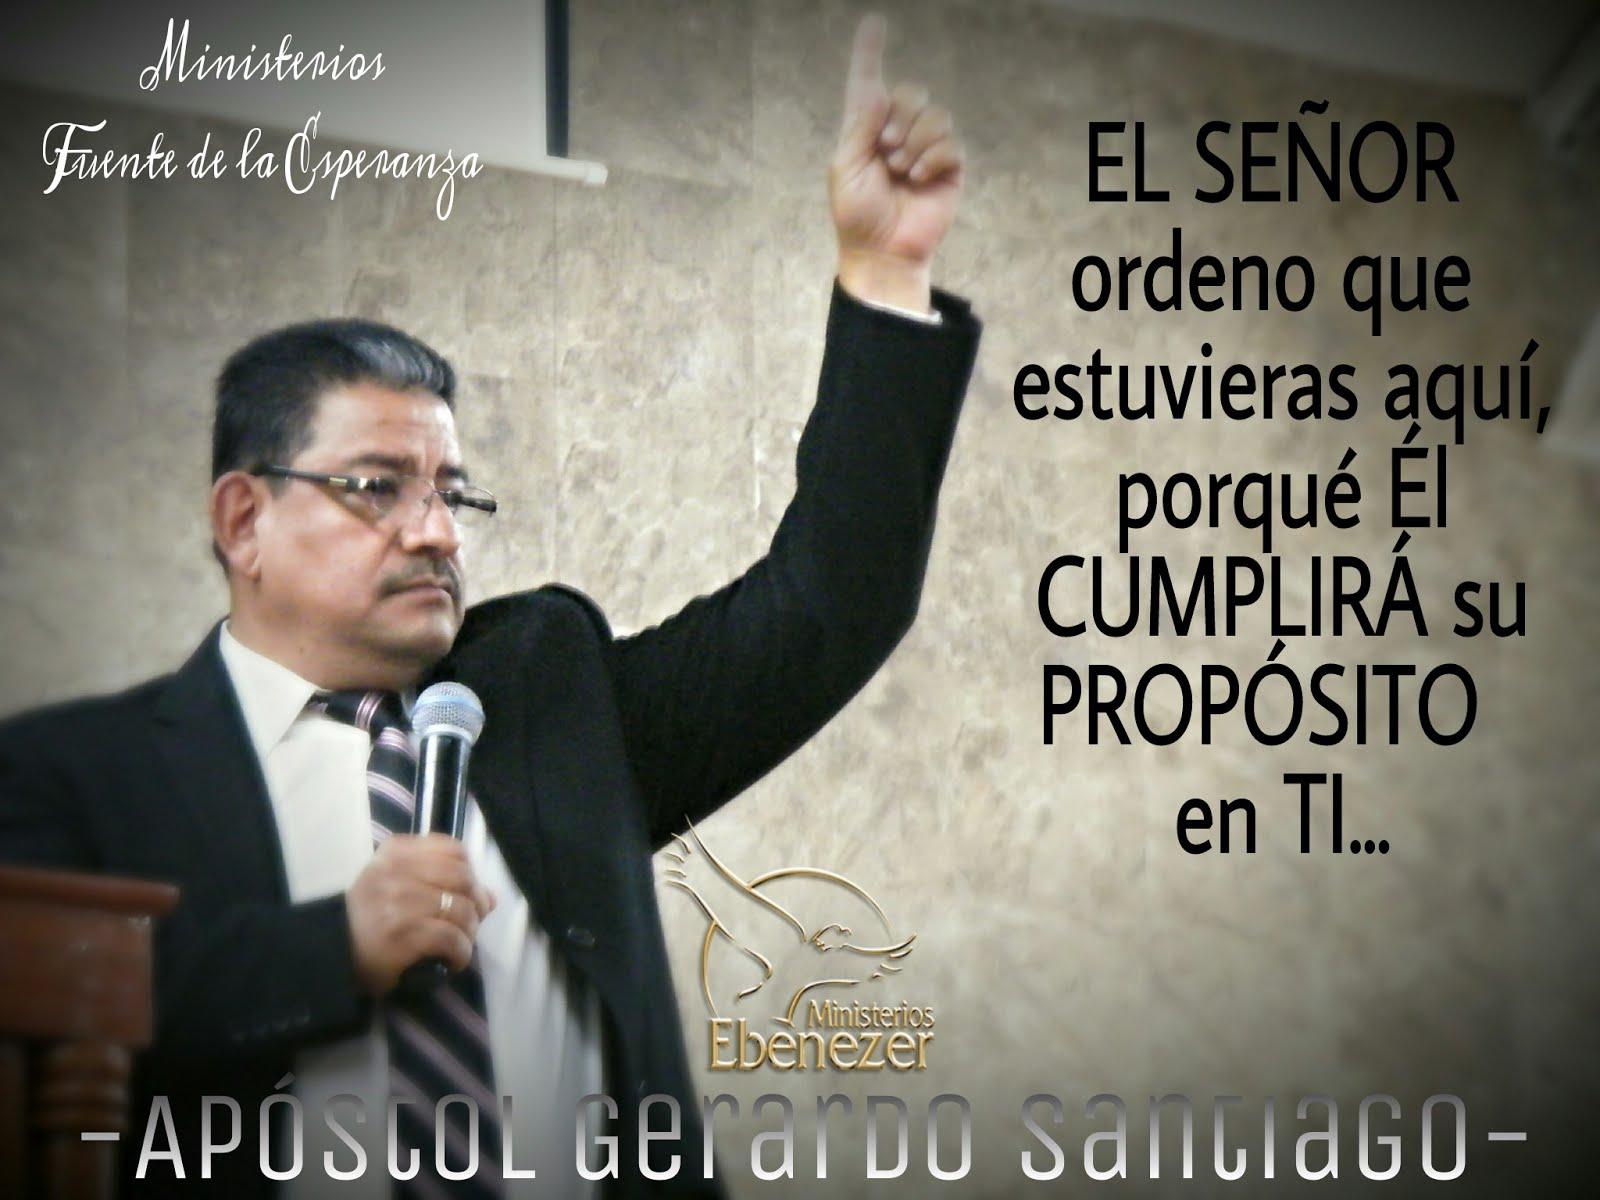 Apóstol Gerardo Santiago